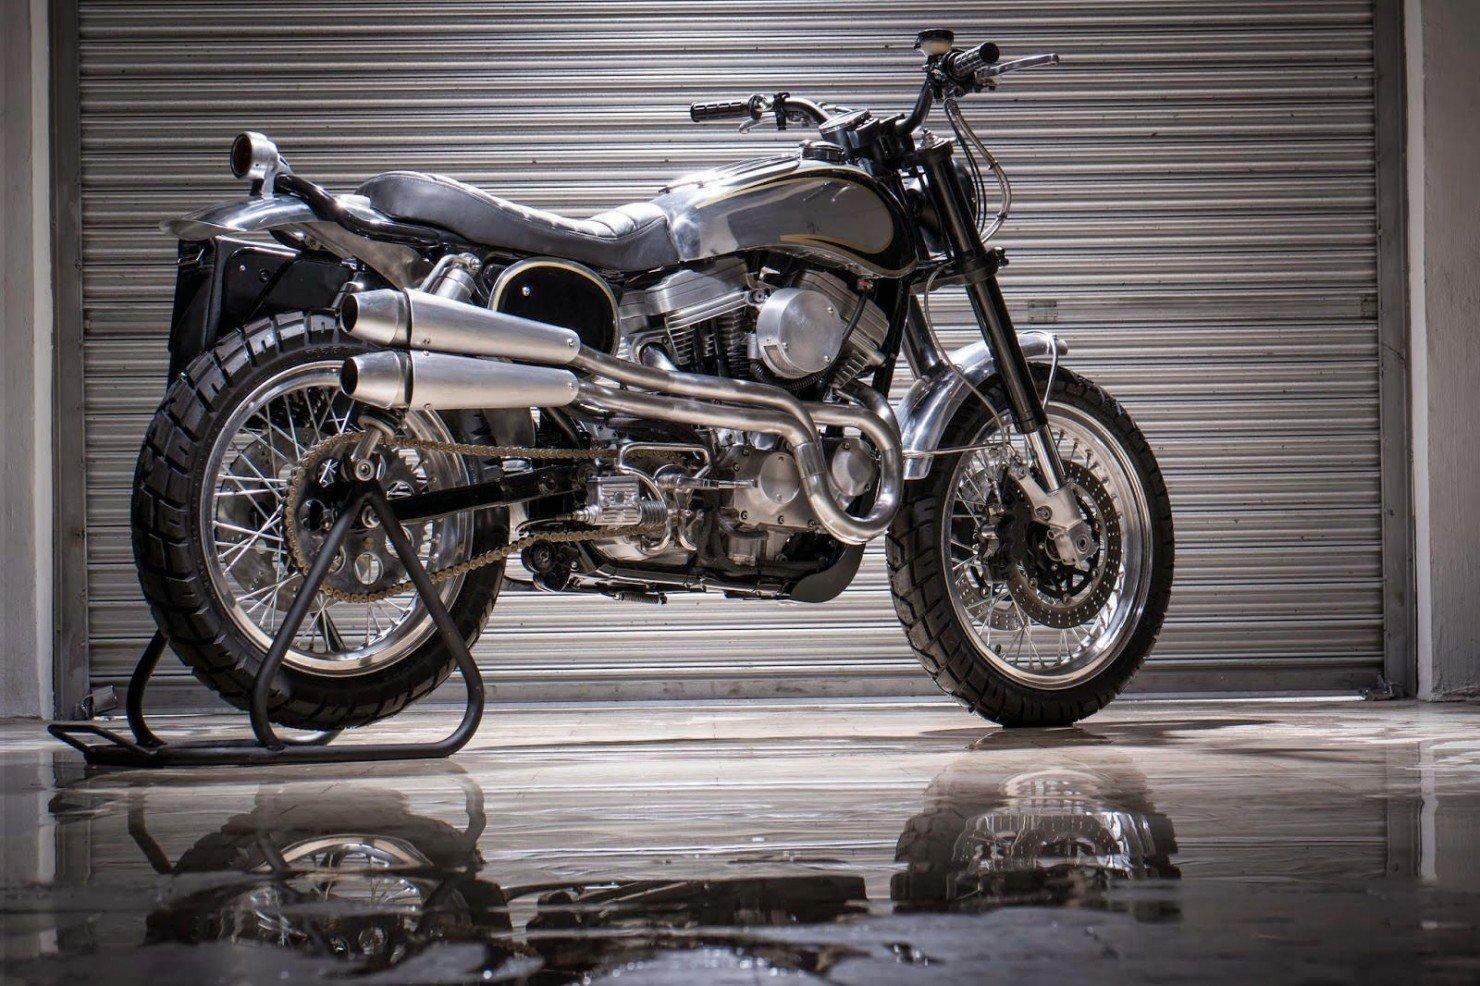 Harley-Davidson-Scrambler-Motorcycle-16